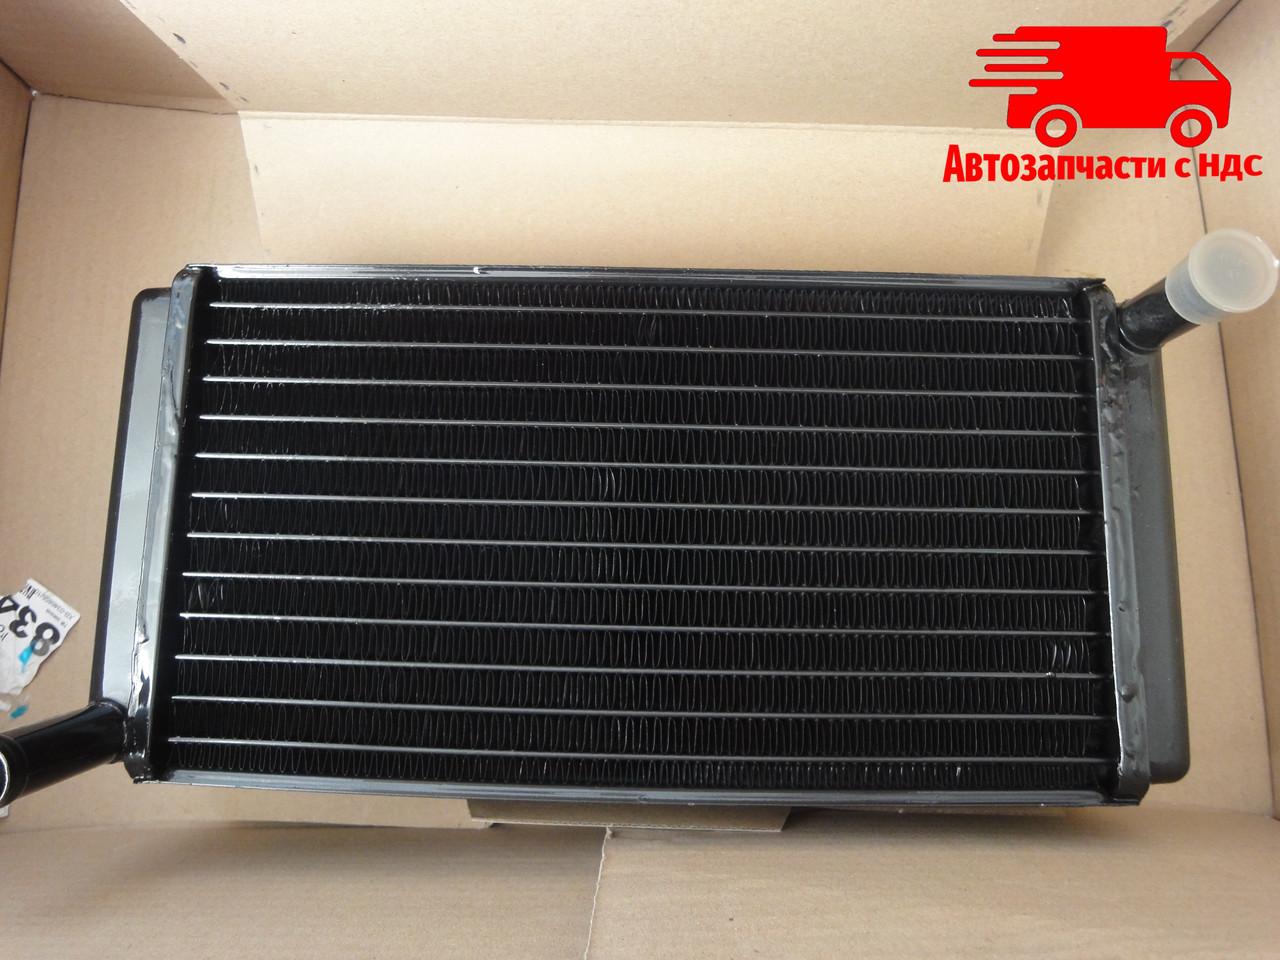 Радиатор отопителя МАЗ (медный ) (4-х рядн.) (пр-во ШААЗ). 64221-8101060. Ціна з ПДВ.